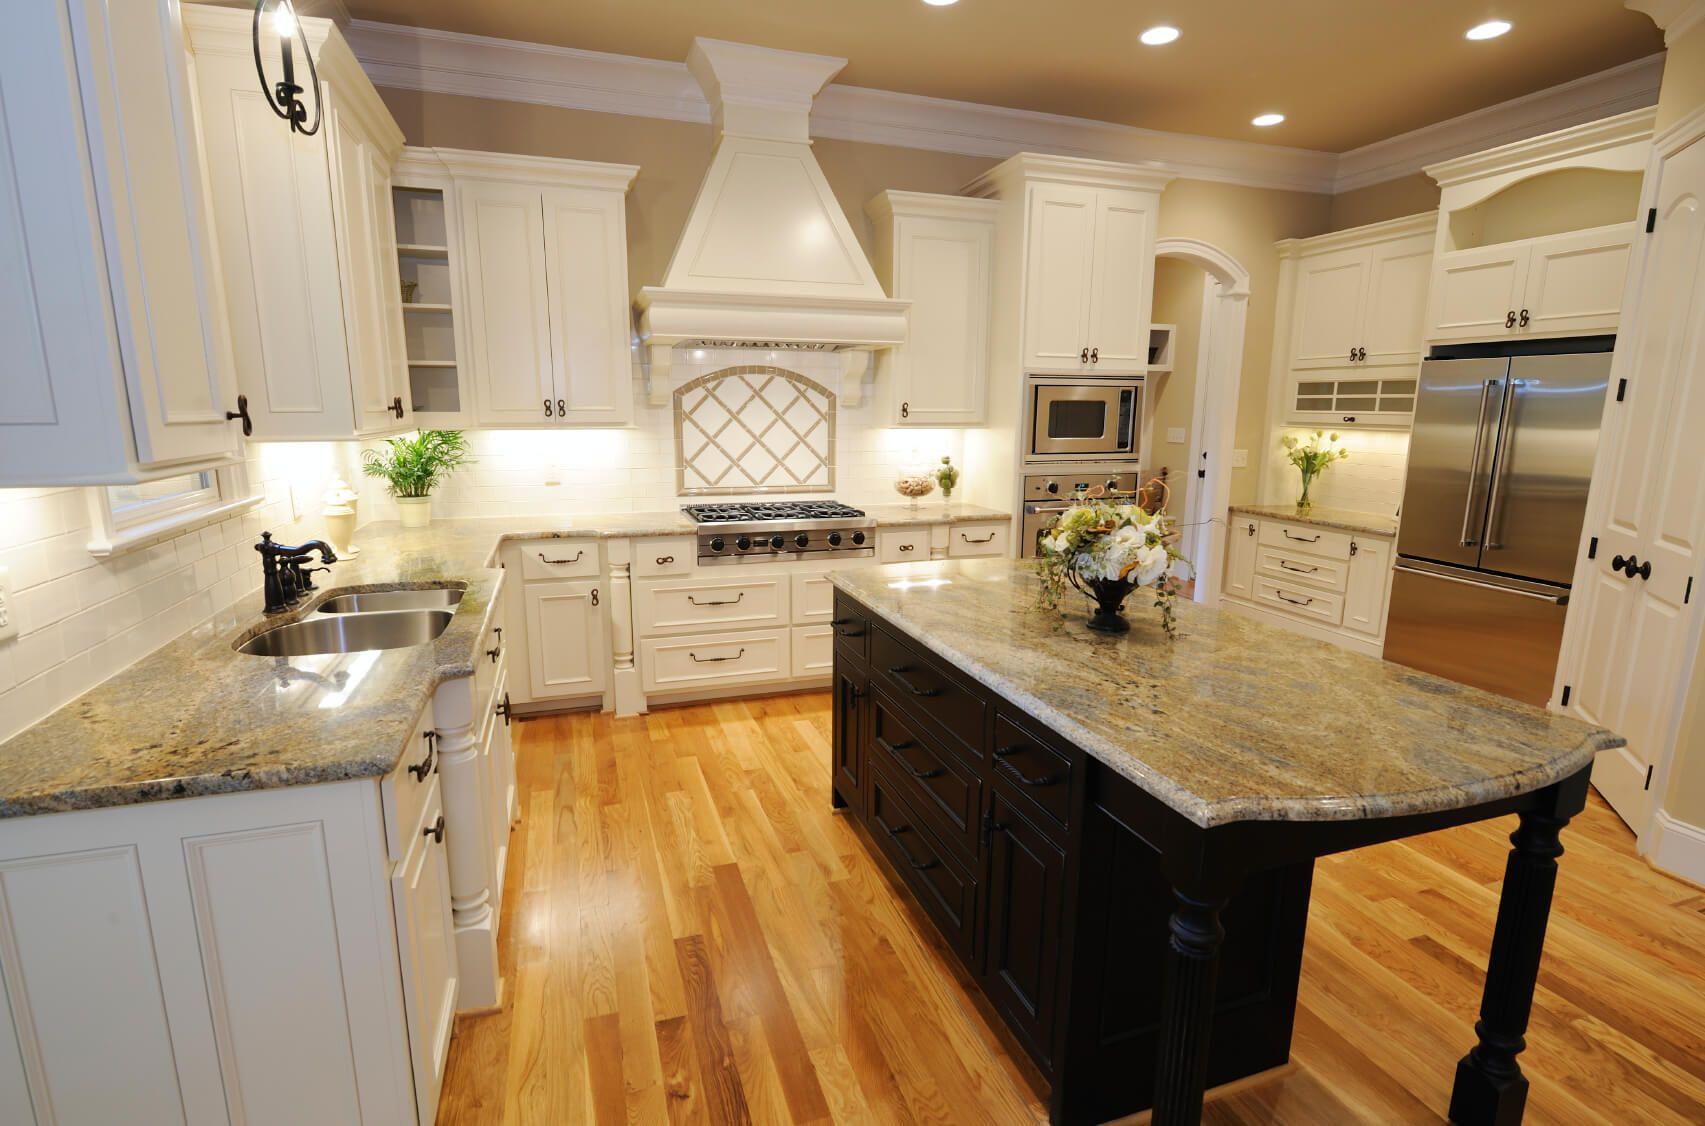 Off White Kitchen Cabinets Dark Floors dark kitchen cabinets with off white island - google search | dani